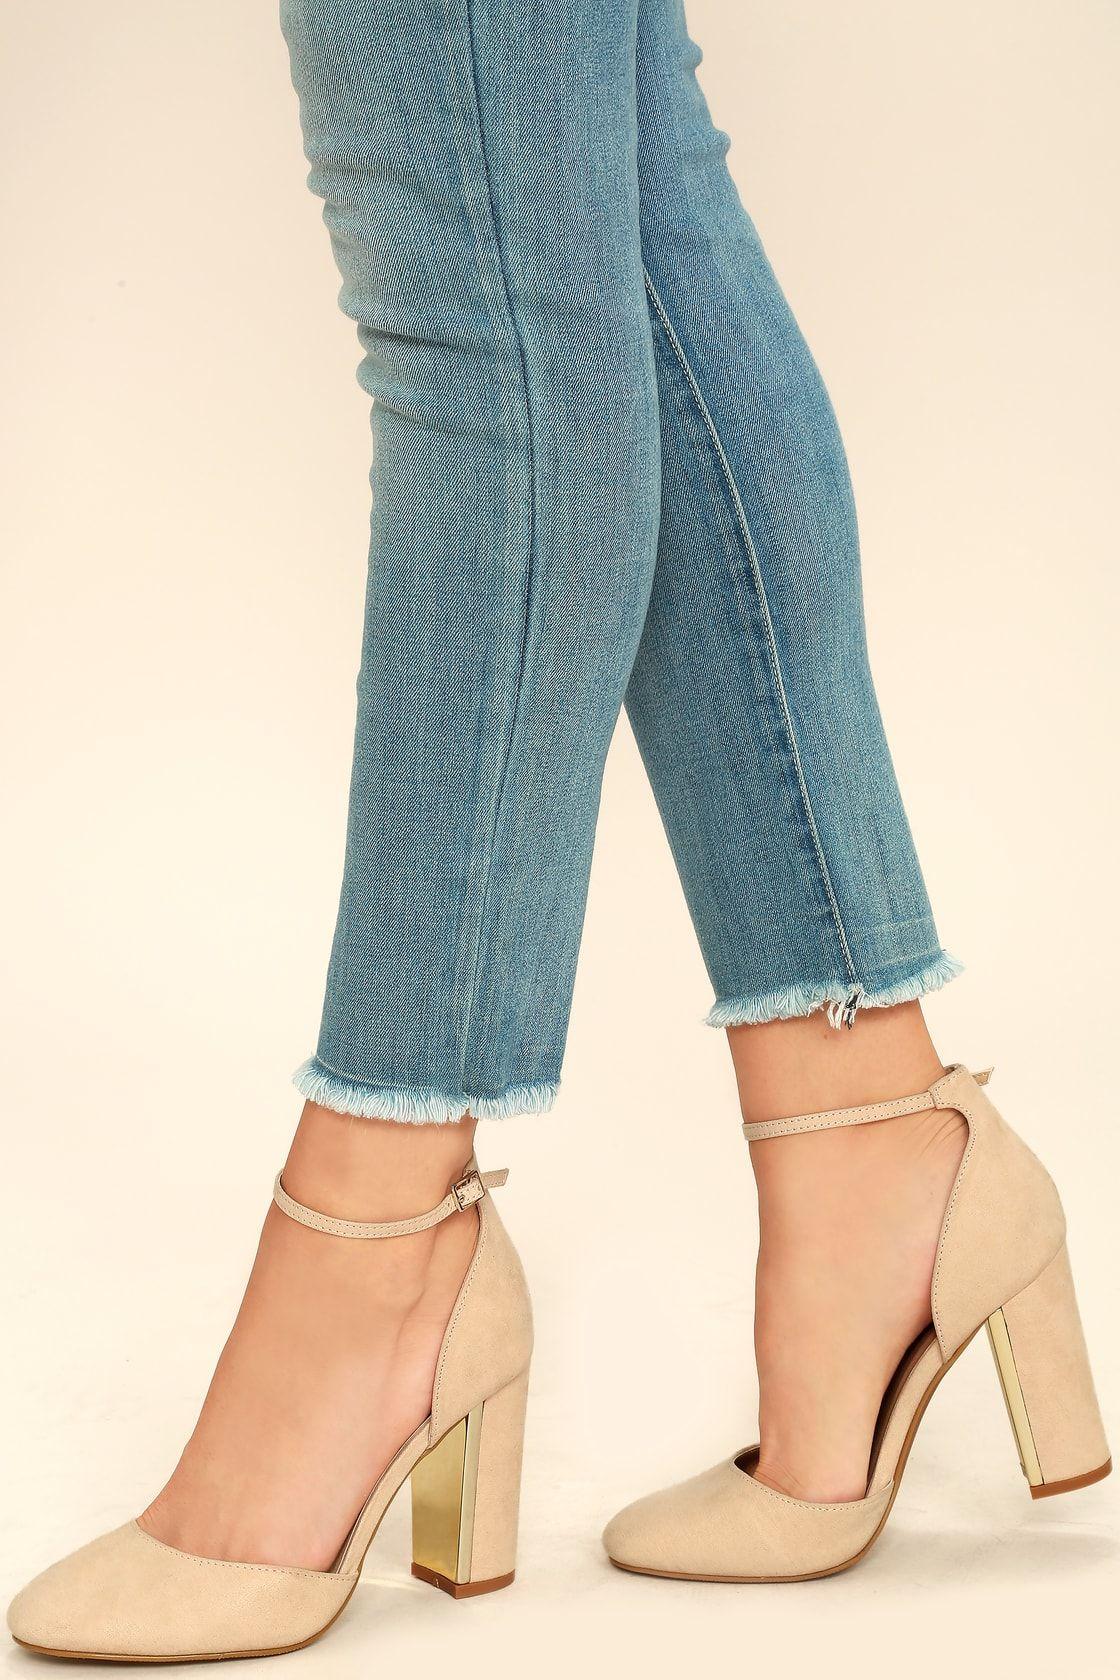 9cdb9d11bd Chic Nude Suede Heels - Ankle Strap Heels - Block Heels